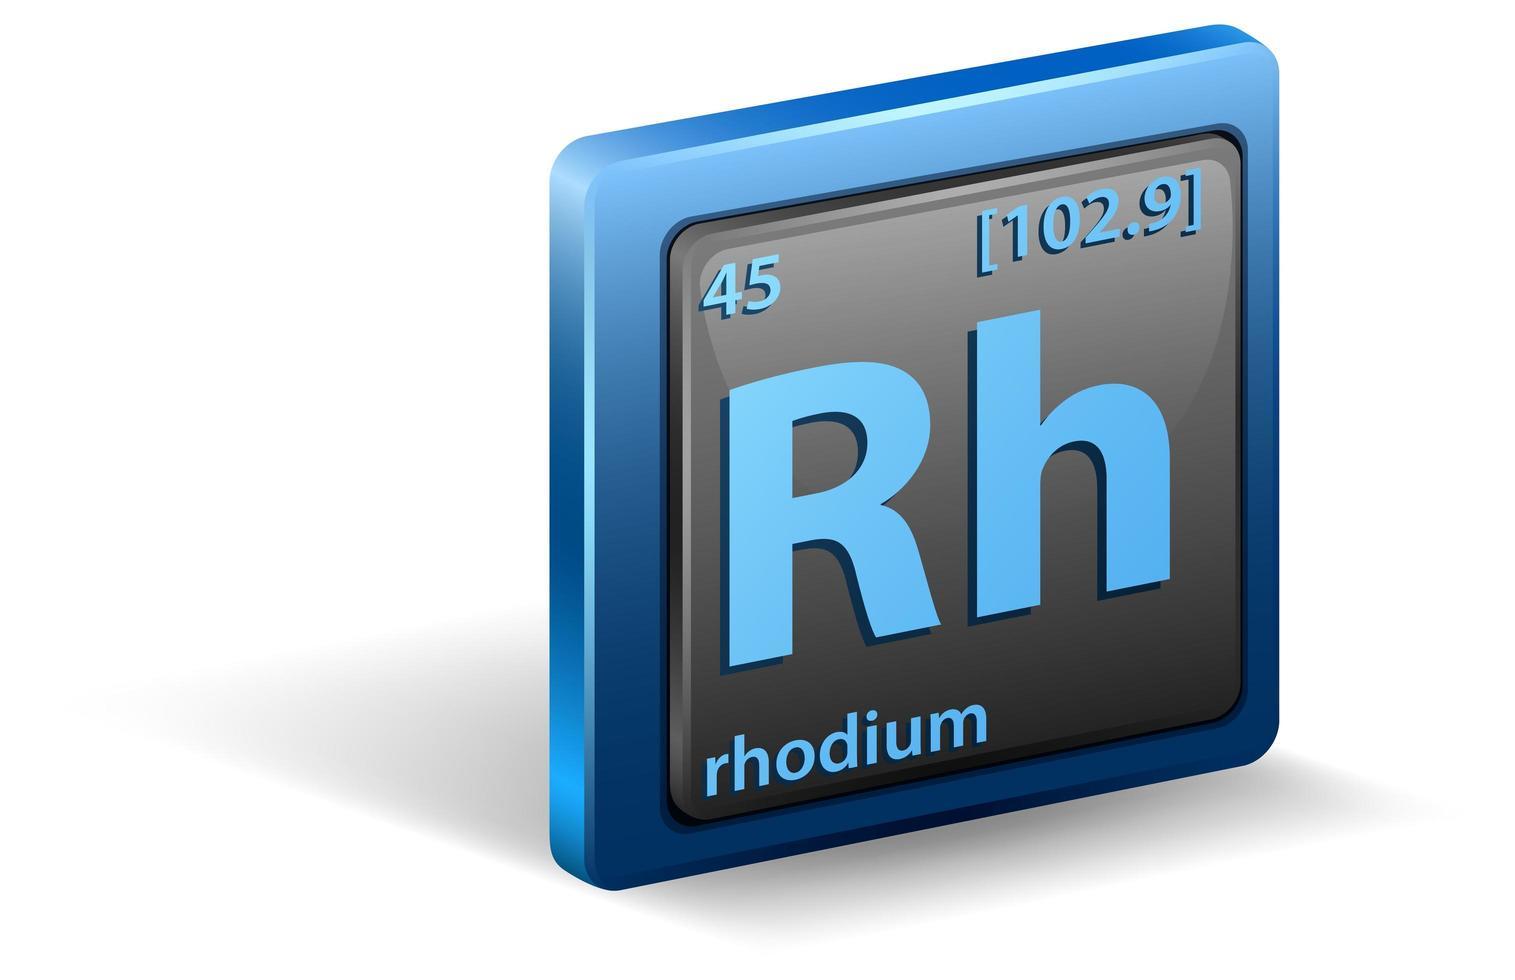 rodium kemiskt element. kemisk symbol med atomnummer och atommassa. vektor